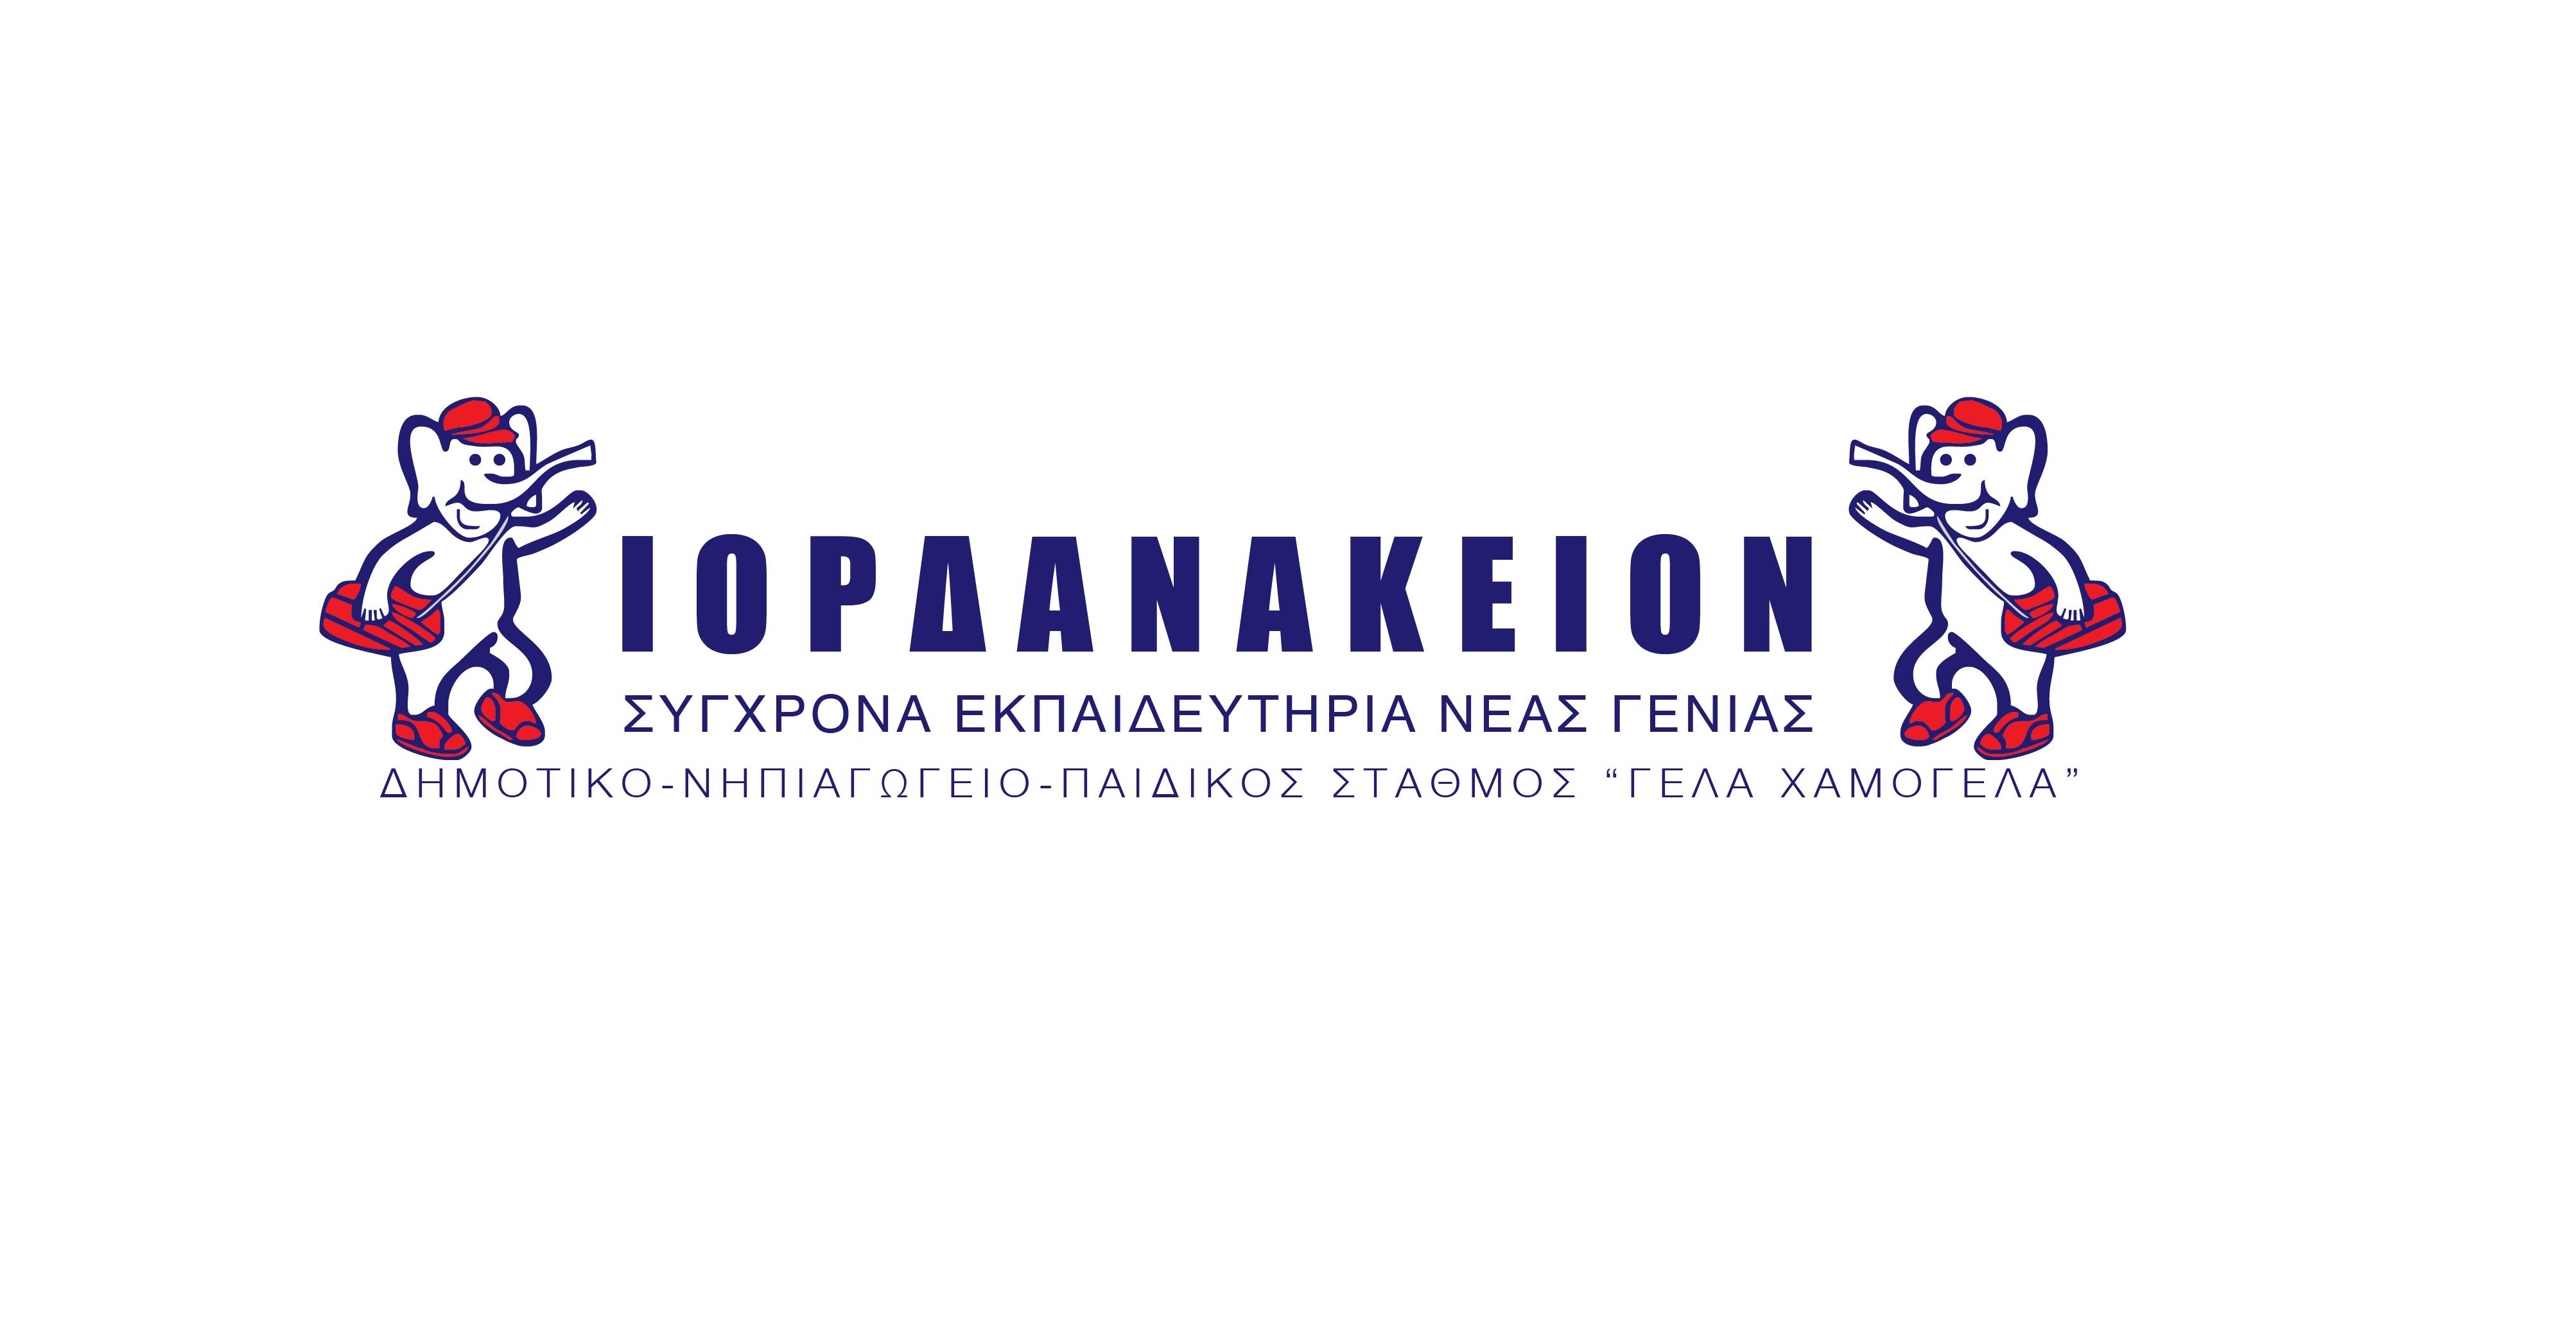 (Ελληνικά) Παραγωγή υφασμάτινων μασκών πολλαπλών χρήσεων – Ιορδανάκειον Σύγχρονα Εκπαιδευτήρια Νέας Γενιάς